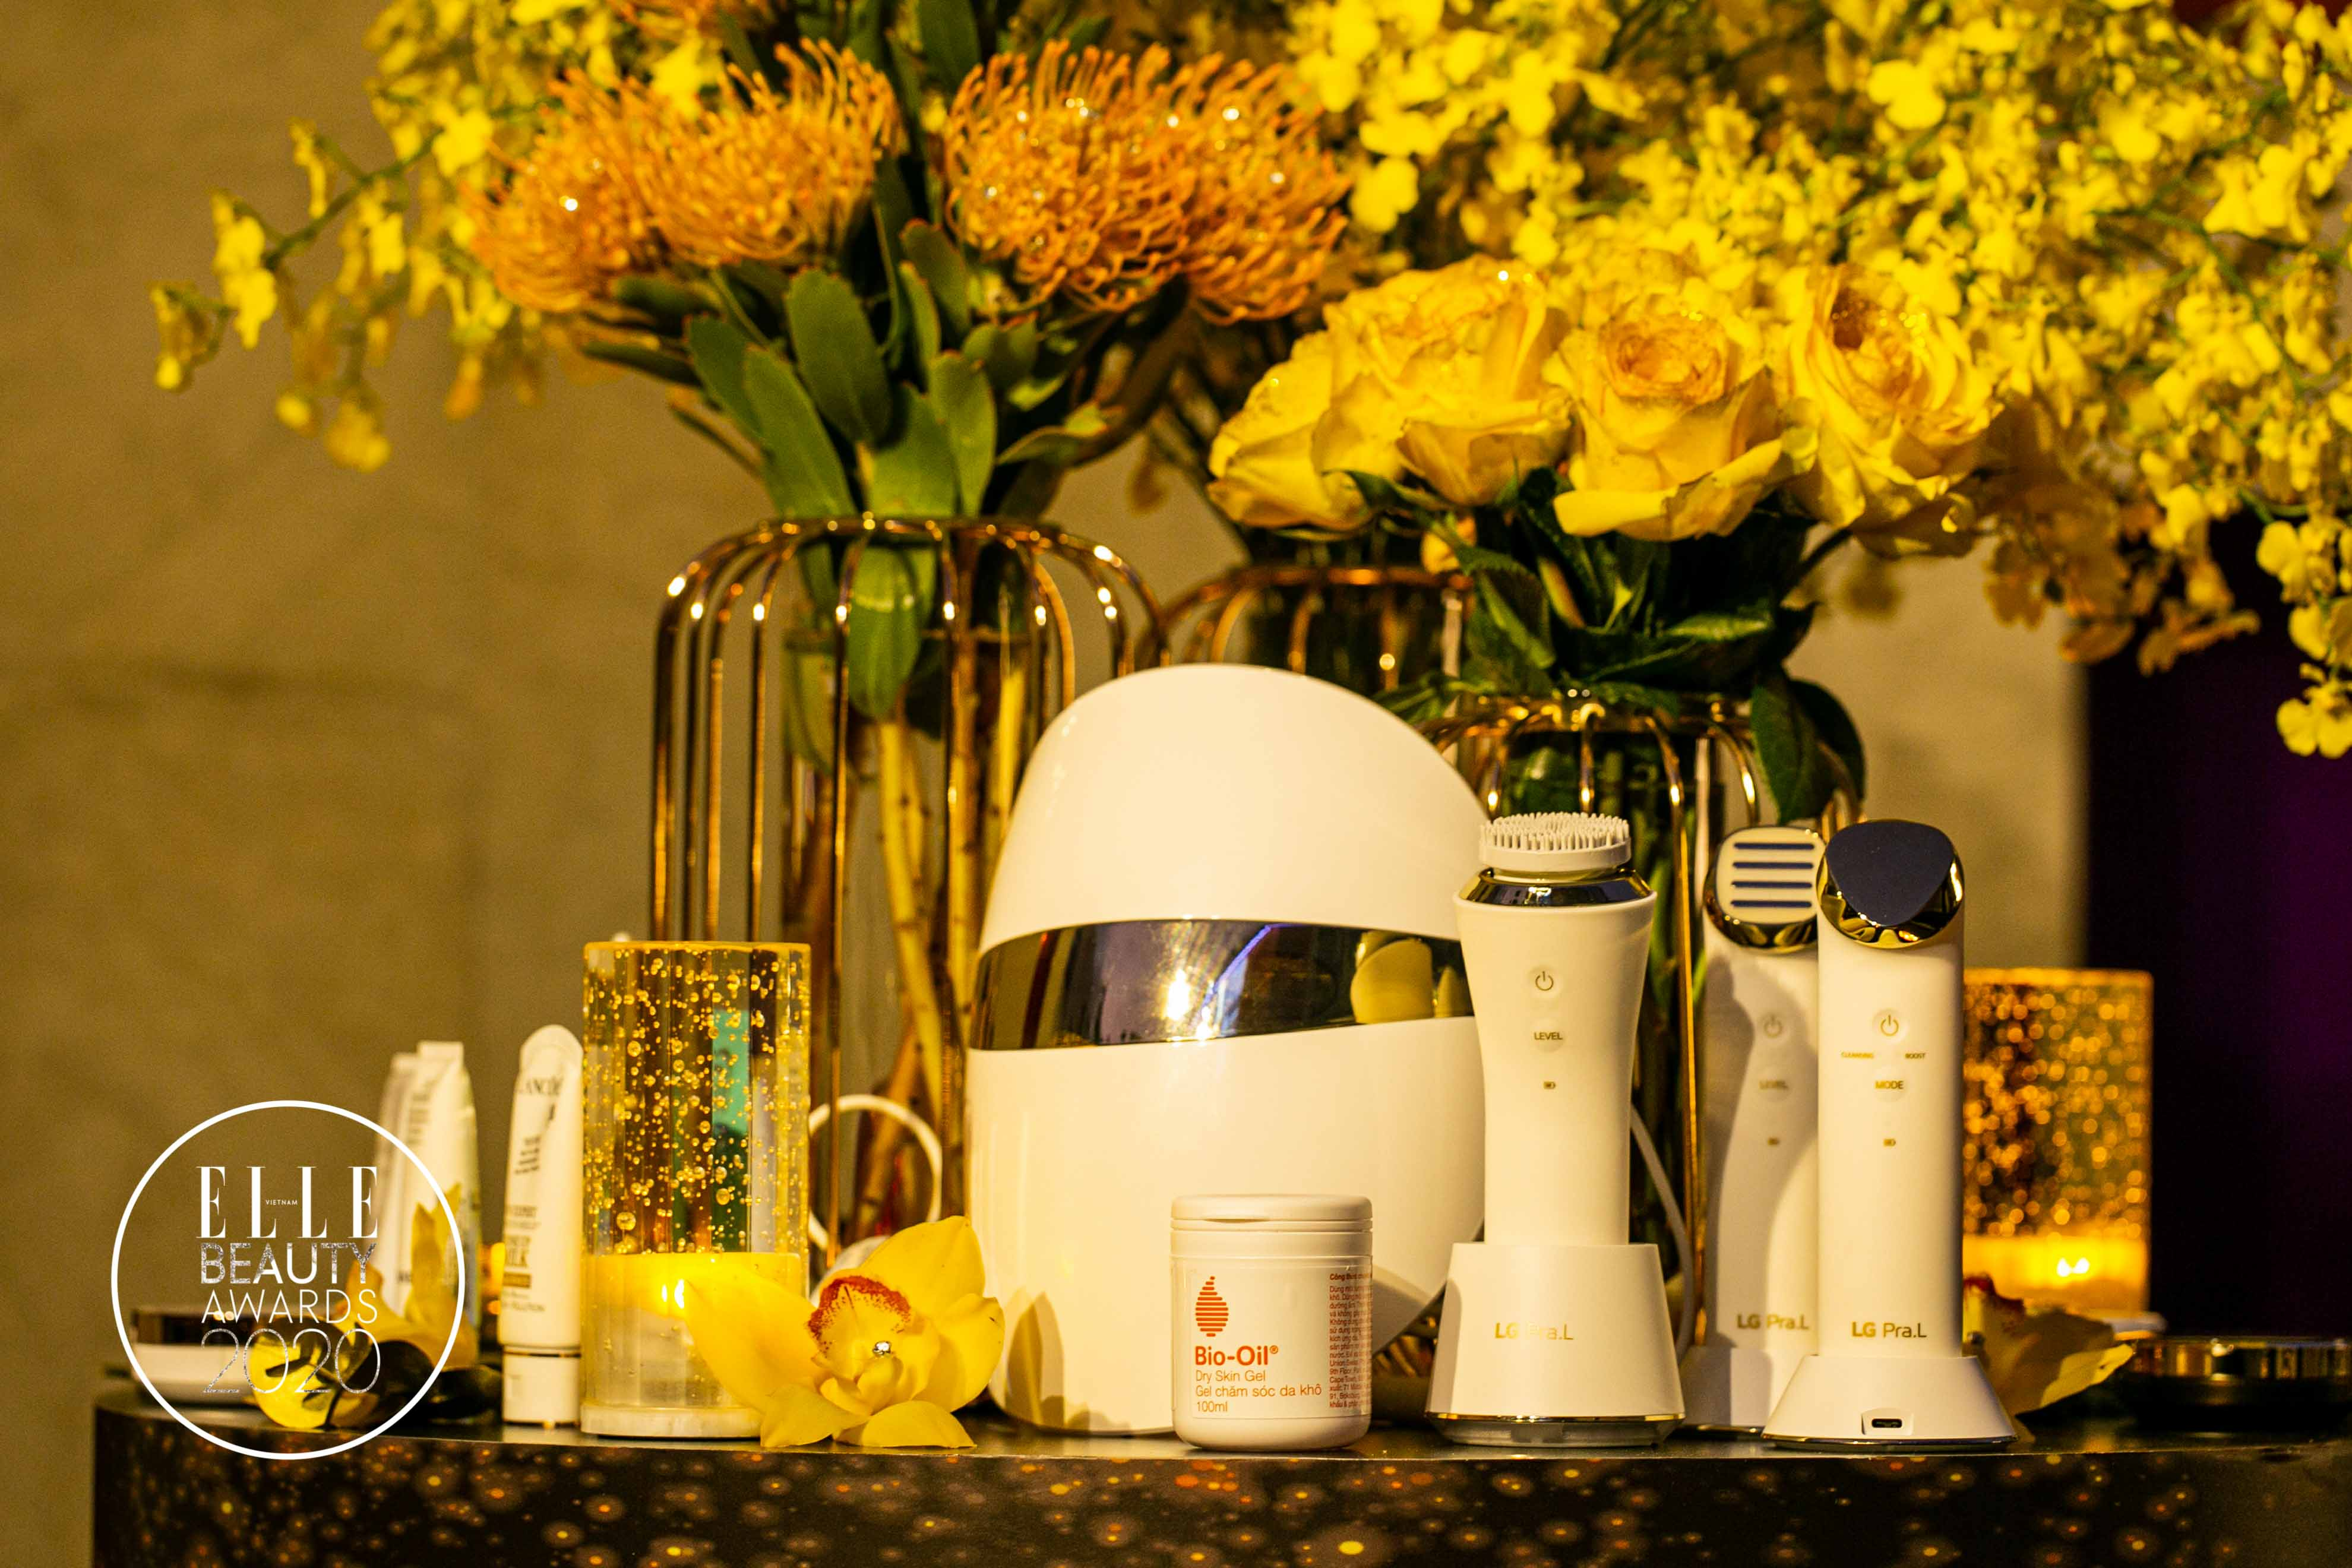 LG Pra.L – mặt nạ Derma LED tại elle beauty awards 2020